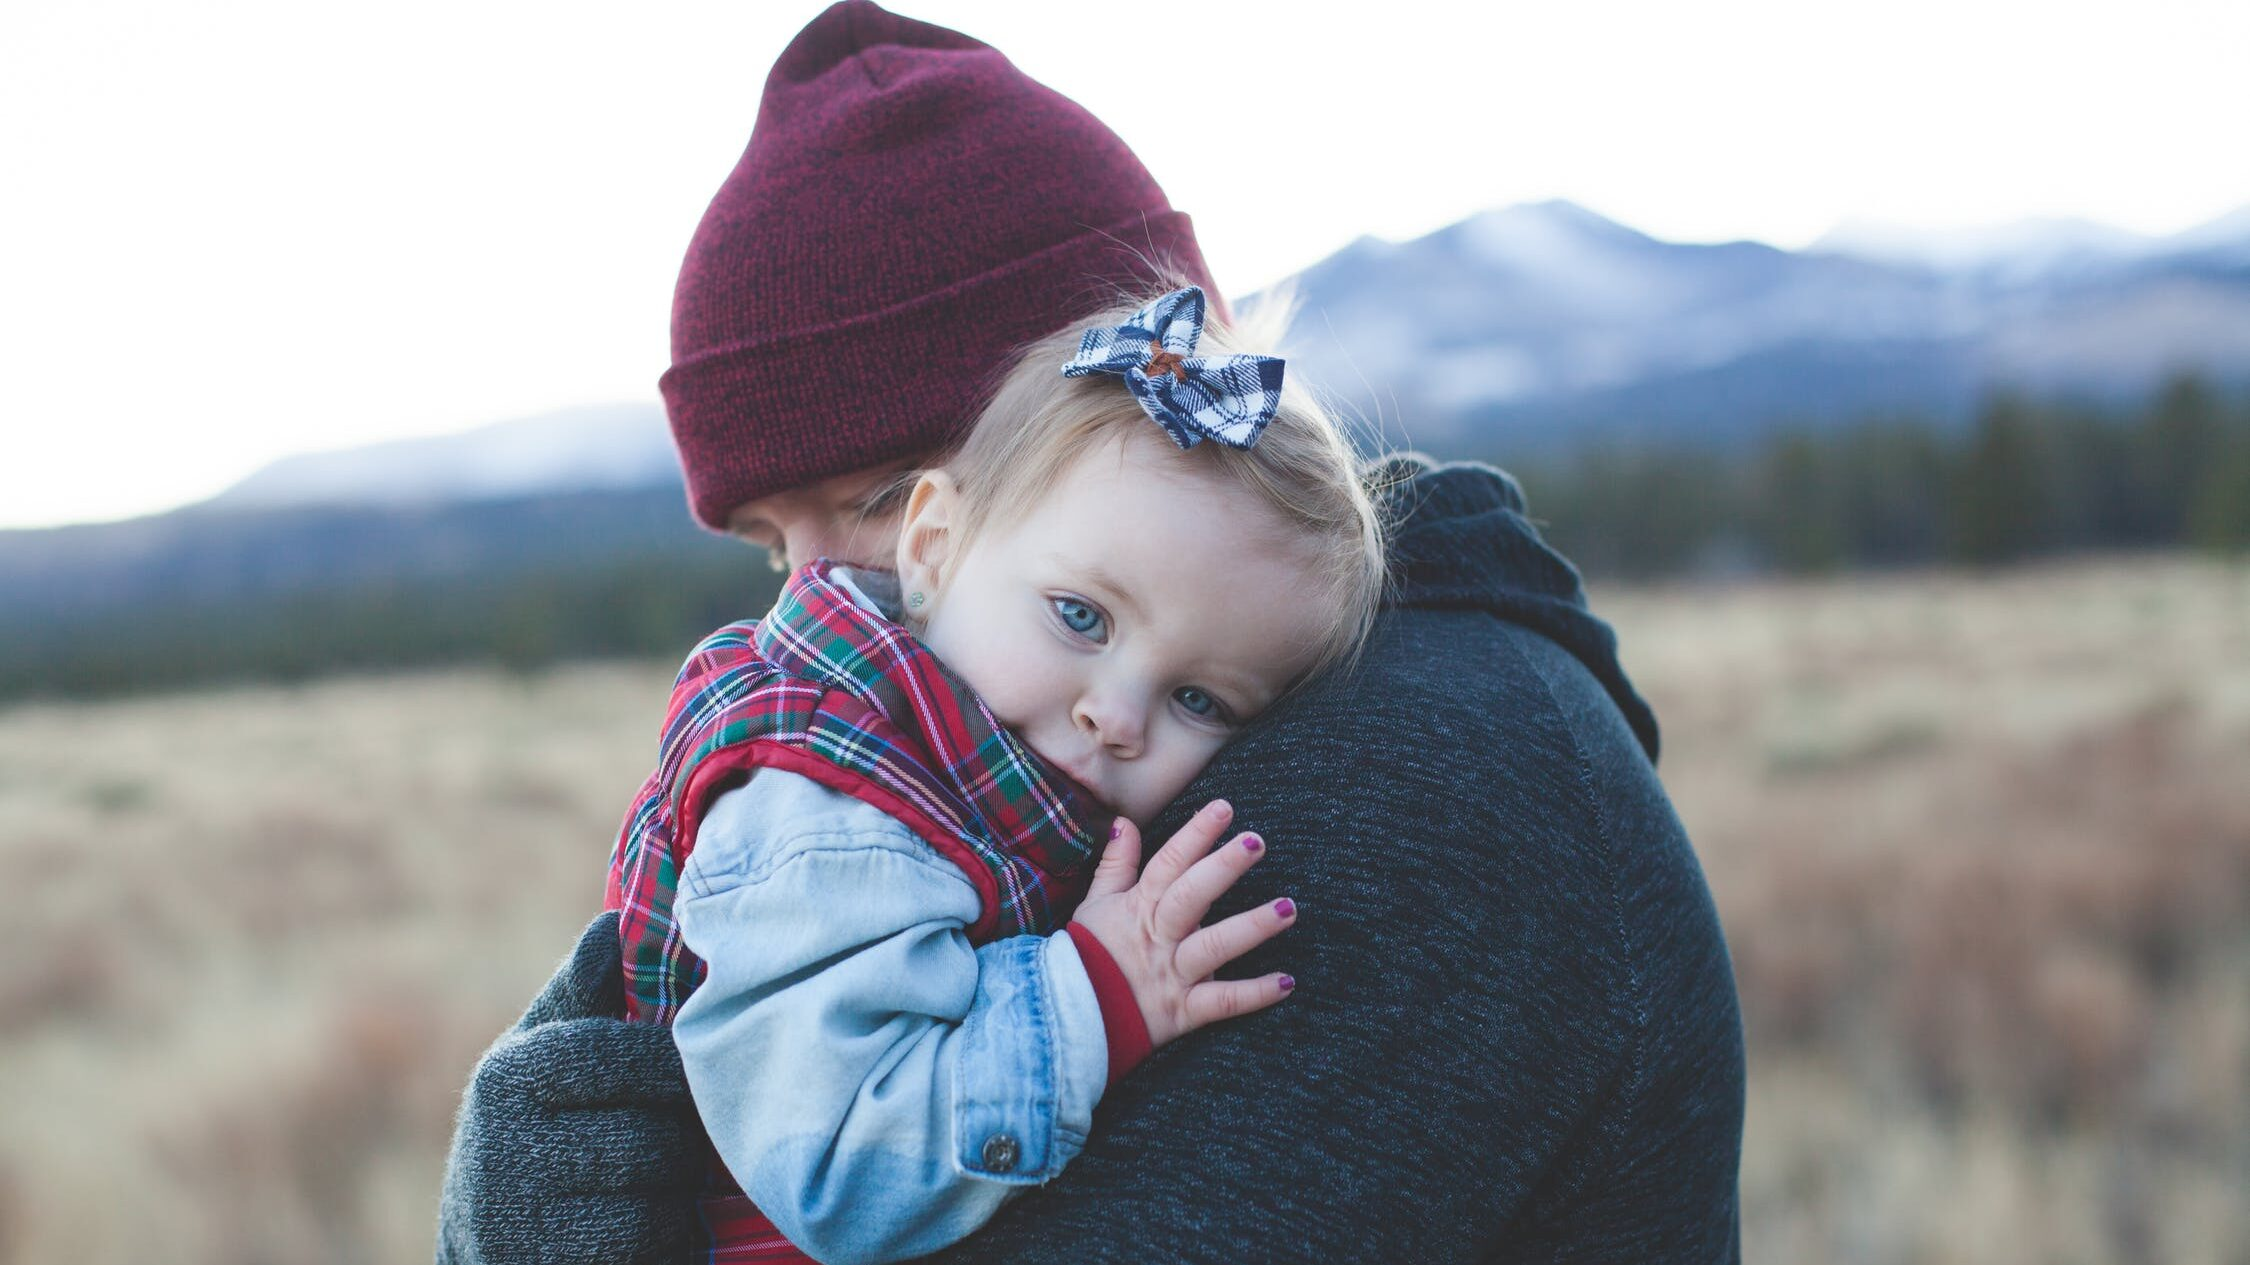 単身赴任で子供への影響が気になる。奥さんが子育てを辛い…しんどい…育児ノイローゼのイメージ画像2